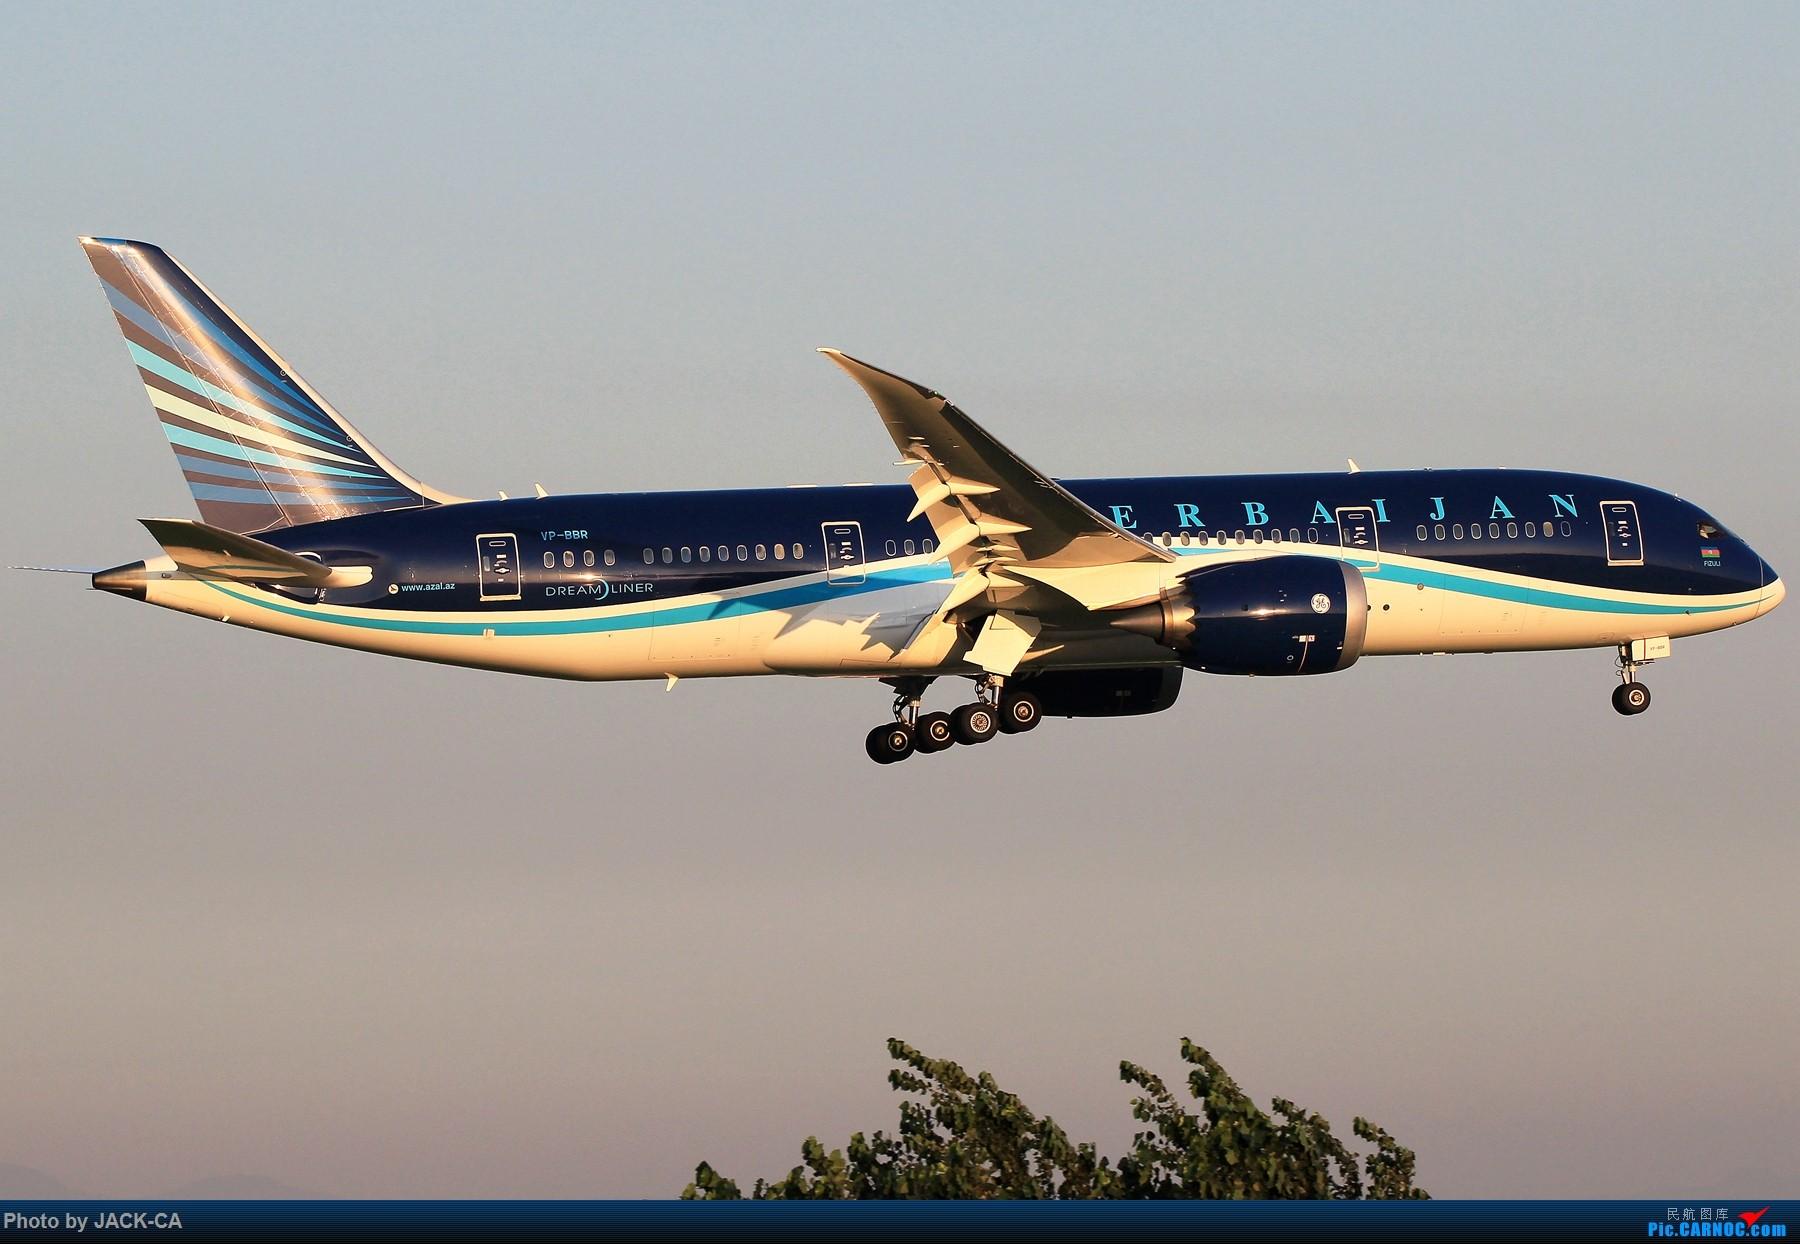 Re:[原创]【组图】盘点在北京通航787的公司都有哪些 1800*1200 BOEING 787-8 VP-BBR 中国北京首都国际机场